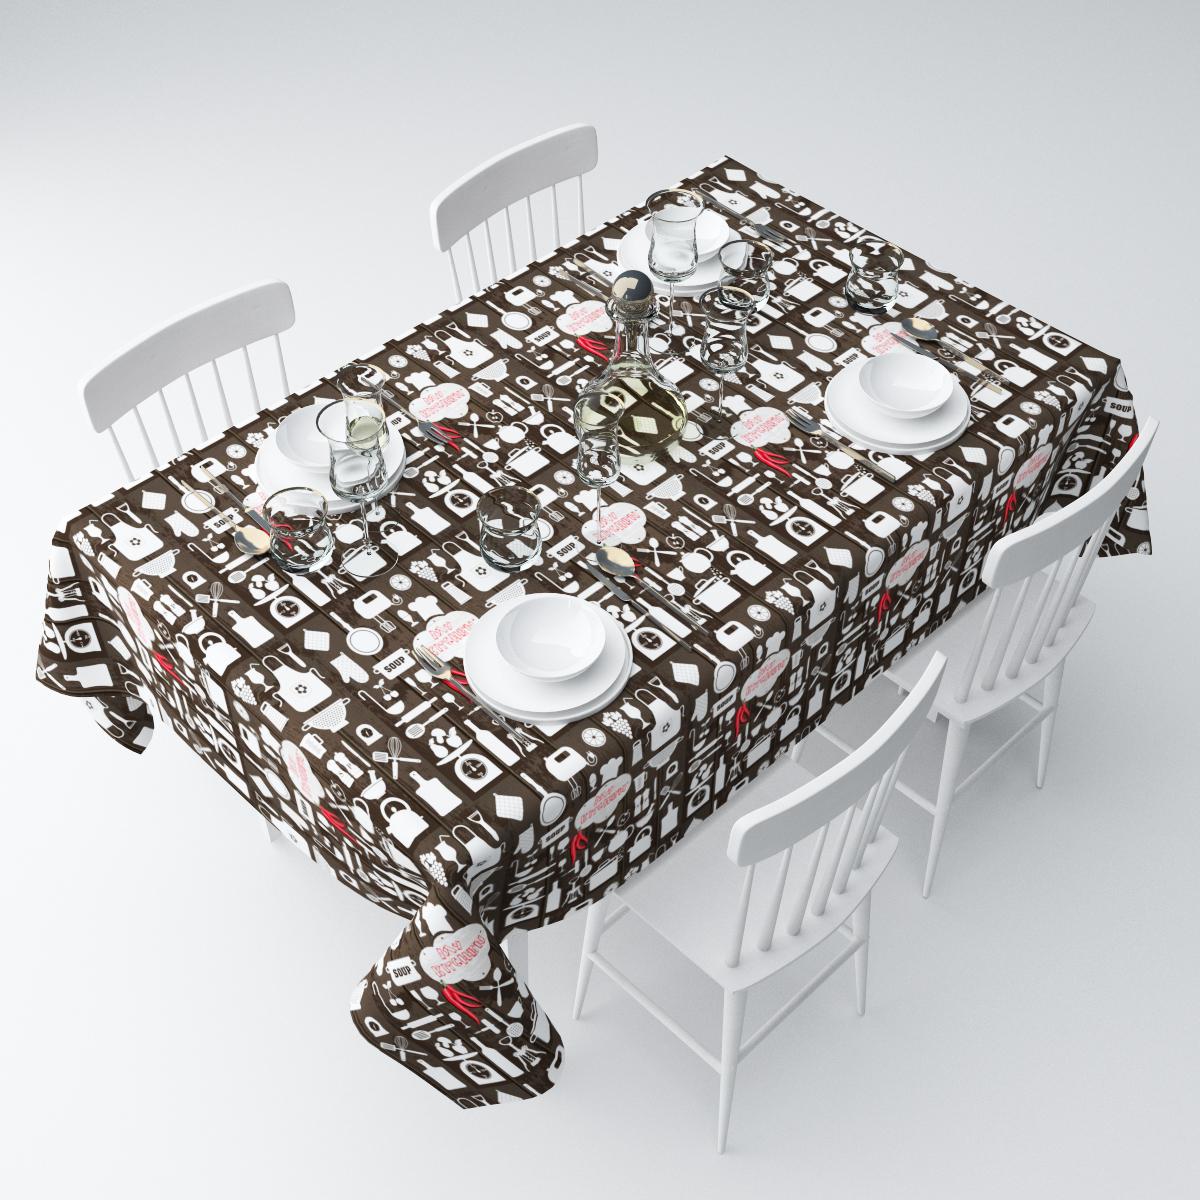 Скатерть Сирень Моя кухня, прямоугольная, 145 х 120 смСКГБ003-04060Прямоугольная скатерть Сирень Моя кухня, выполненная из габардина с ярким рисунком, преобразит вашу кухню, визуально расширит пространство, создаст атмосферу радости и комфорта. Рекомендации по уходу: стирка при 30 градусах, гладить при температуре до 110 градусов.Размер скатерти: 145 х 120 см. Изображение может немного отличаться от реального.